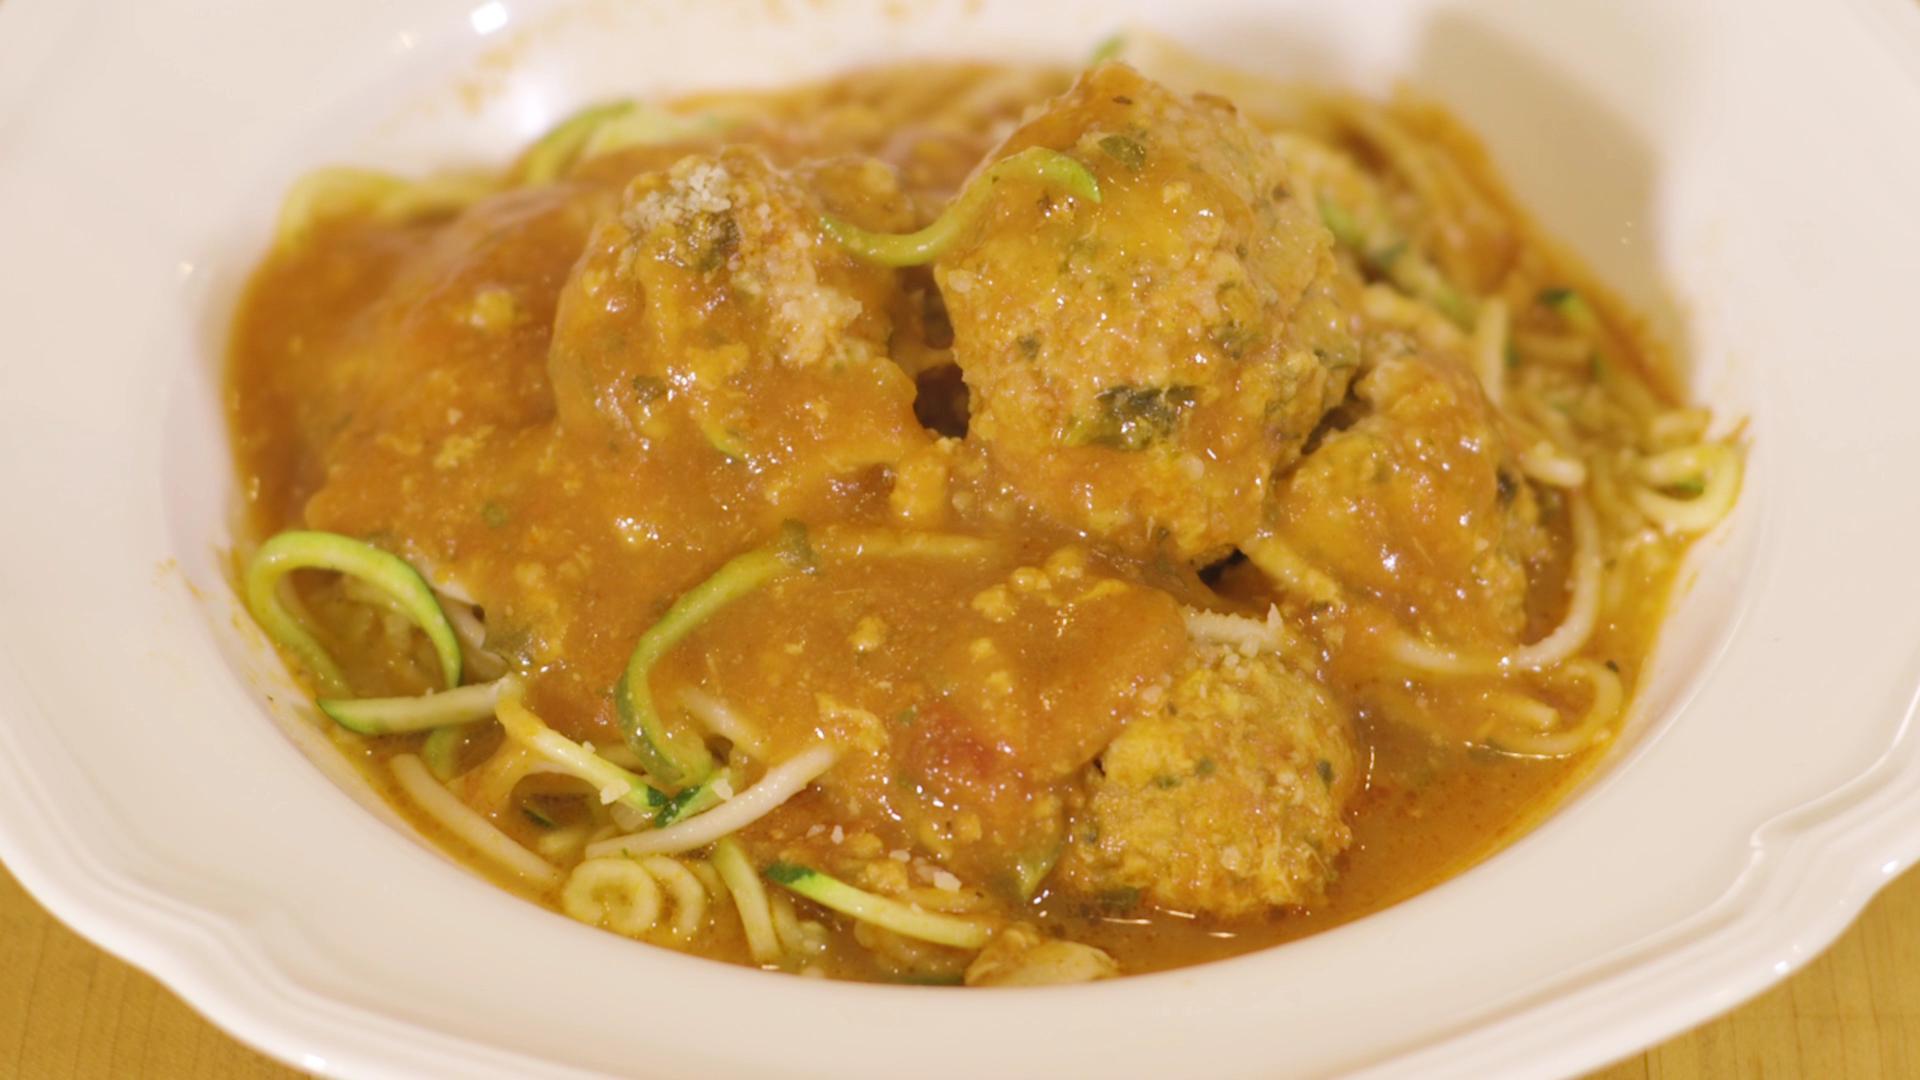 Healthy Spaghetti and Meatballs Recipe